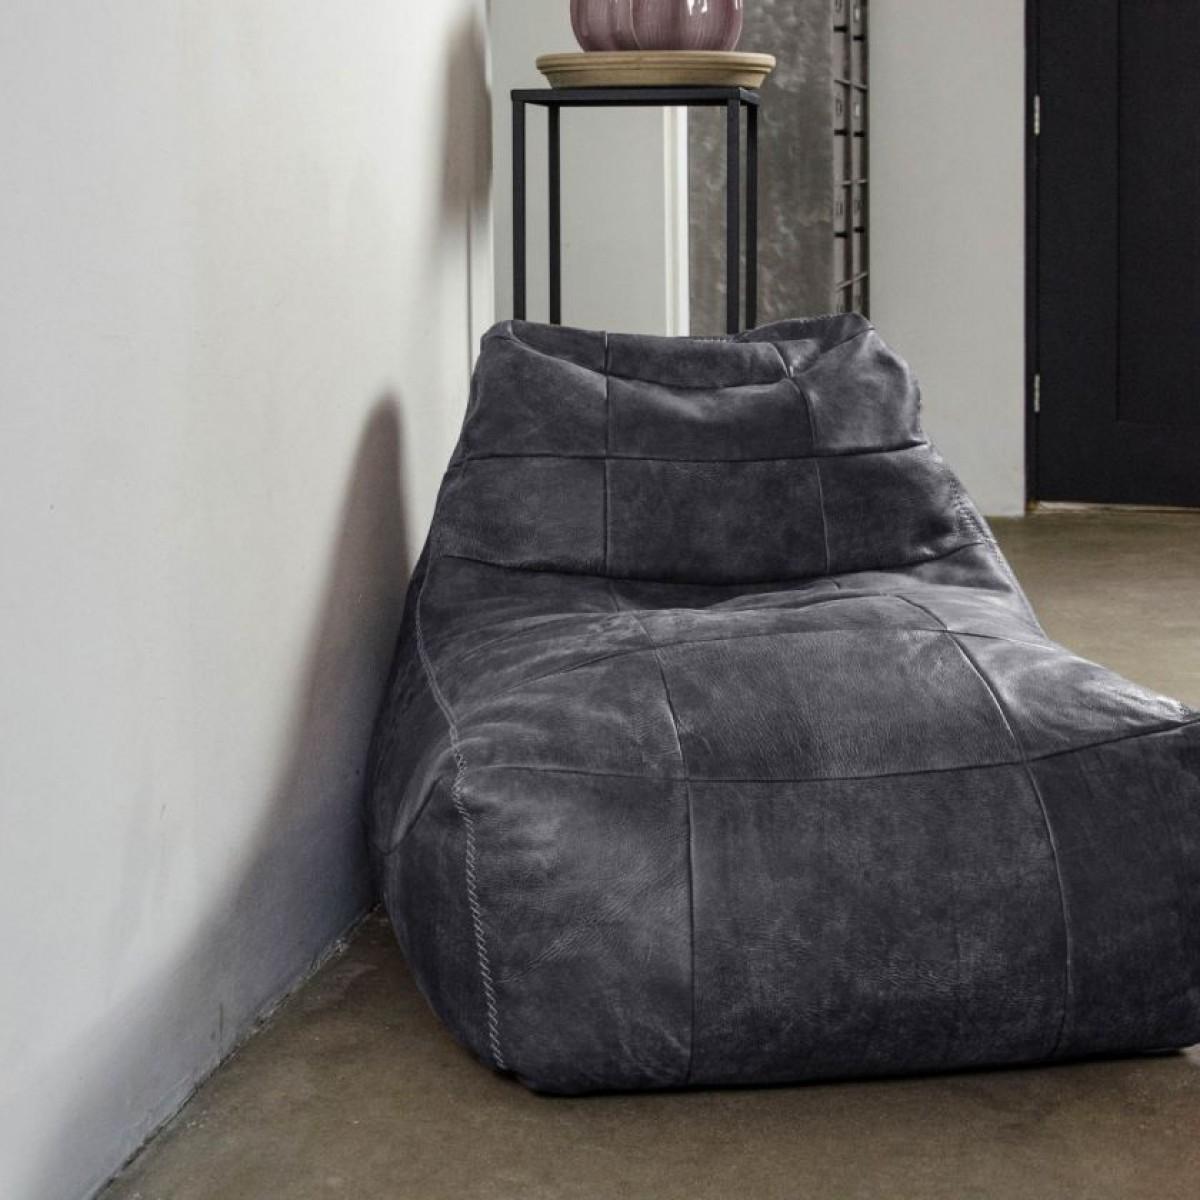 lazy-fred-zitzak-africa-leer-shabbies-miltonhouse-superblack